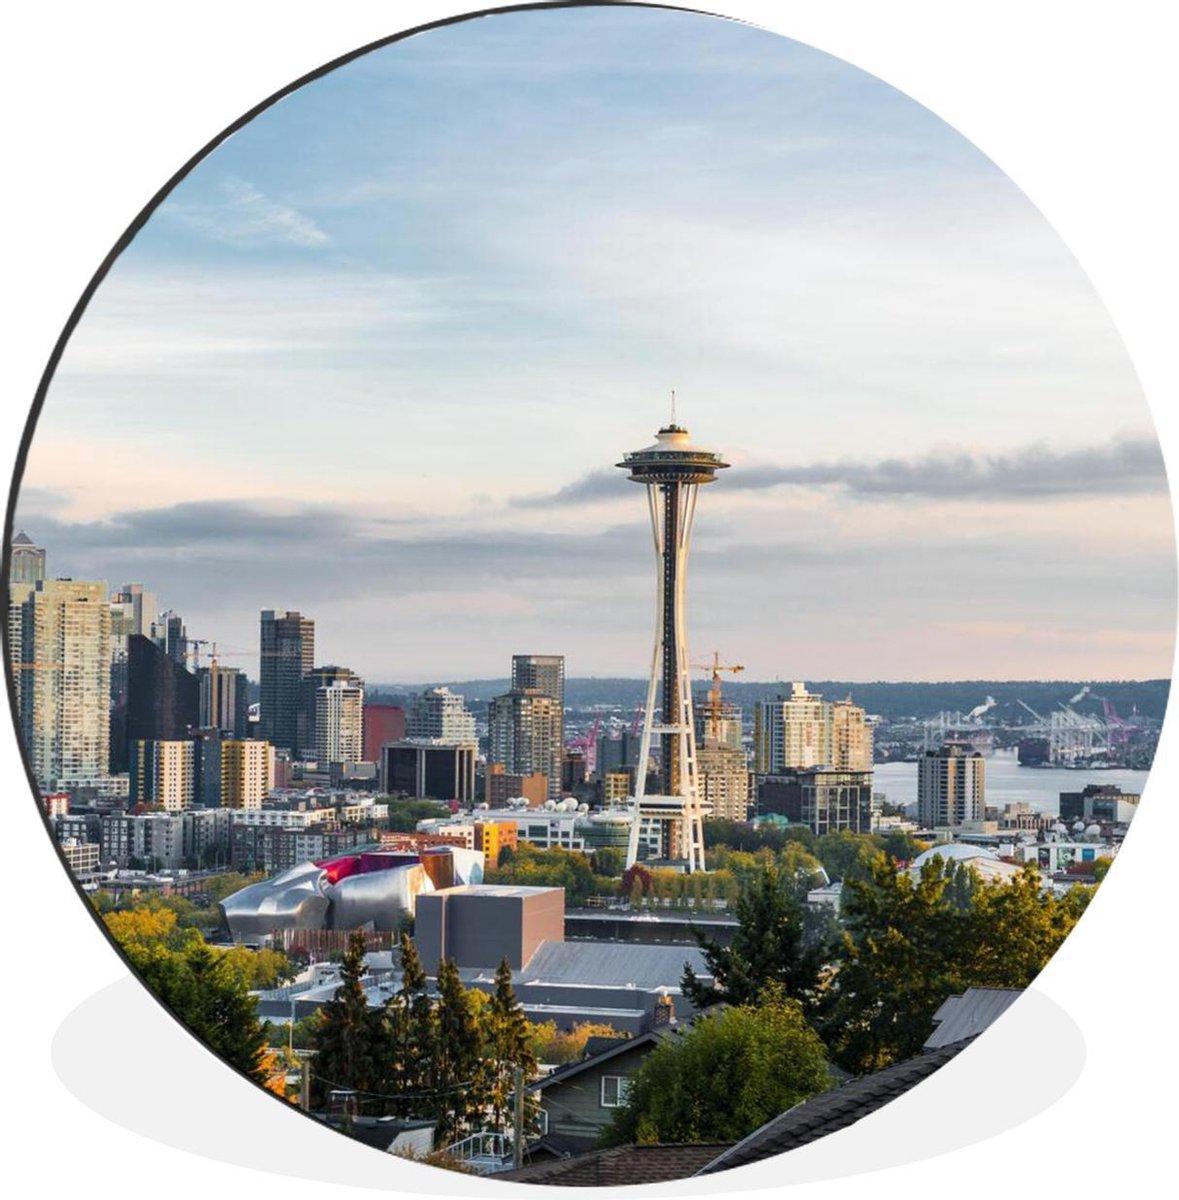 Space Needle in de staat Washington Wandcirkel aluminium ⌀ 120 cm - foto print op muurcirkel / wooncirkel / tuincirkel (wanddecoratie)